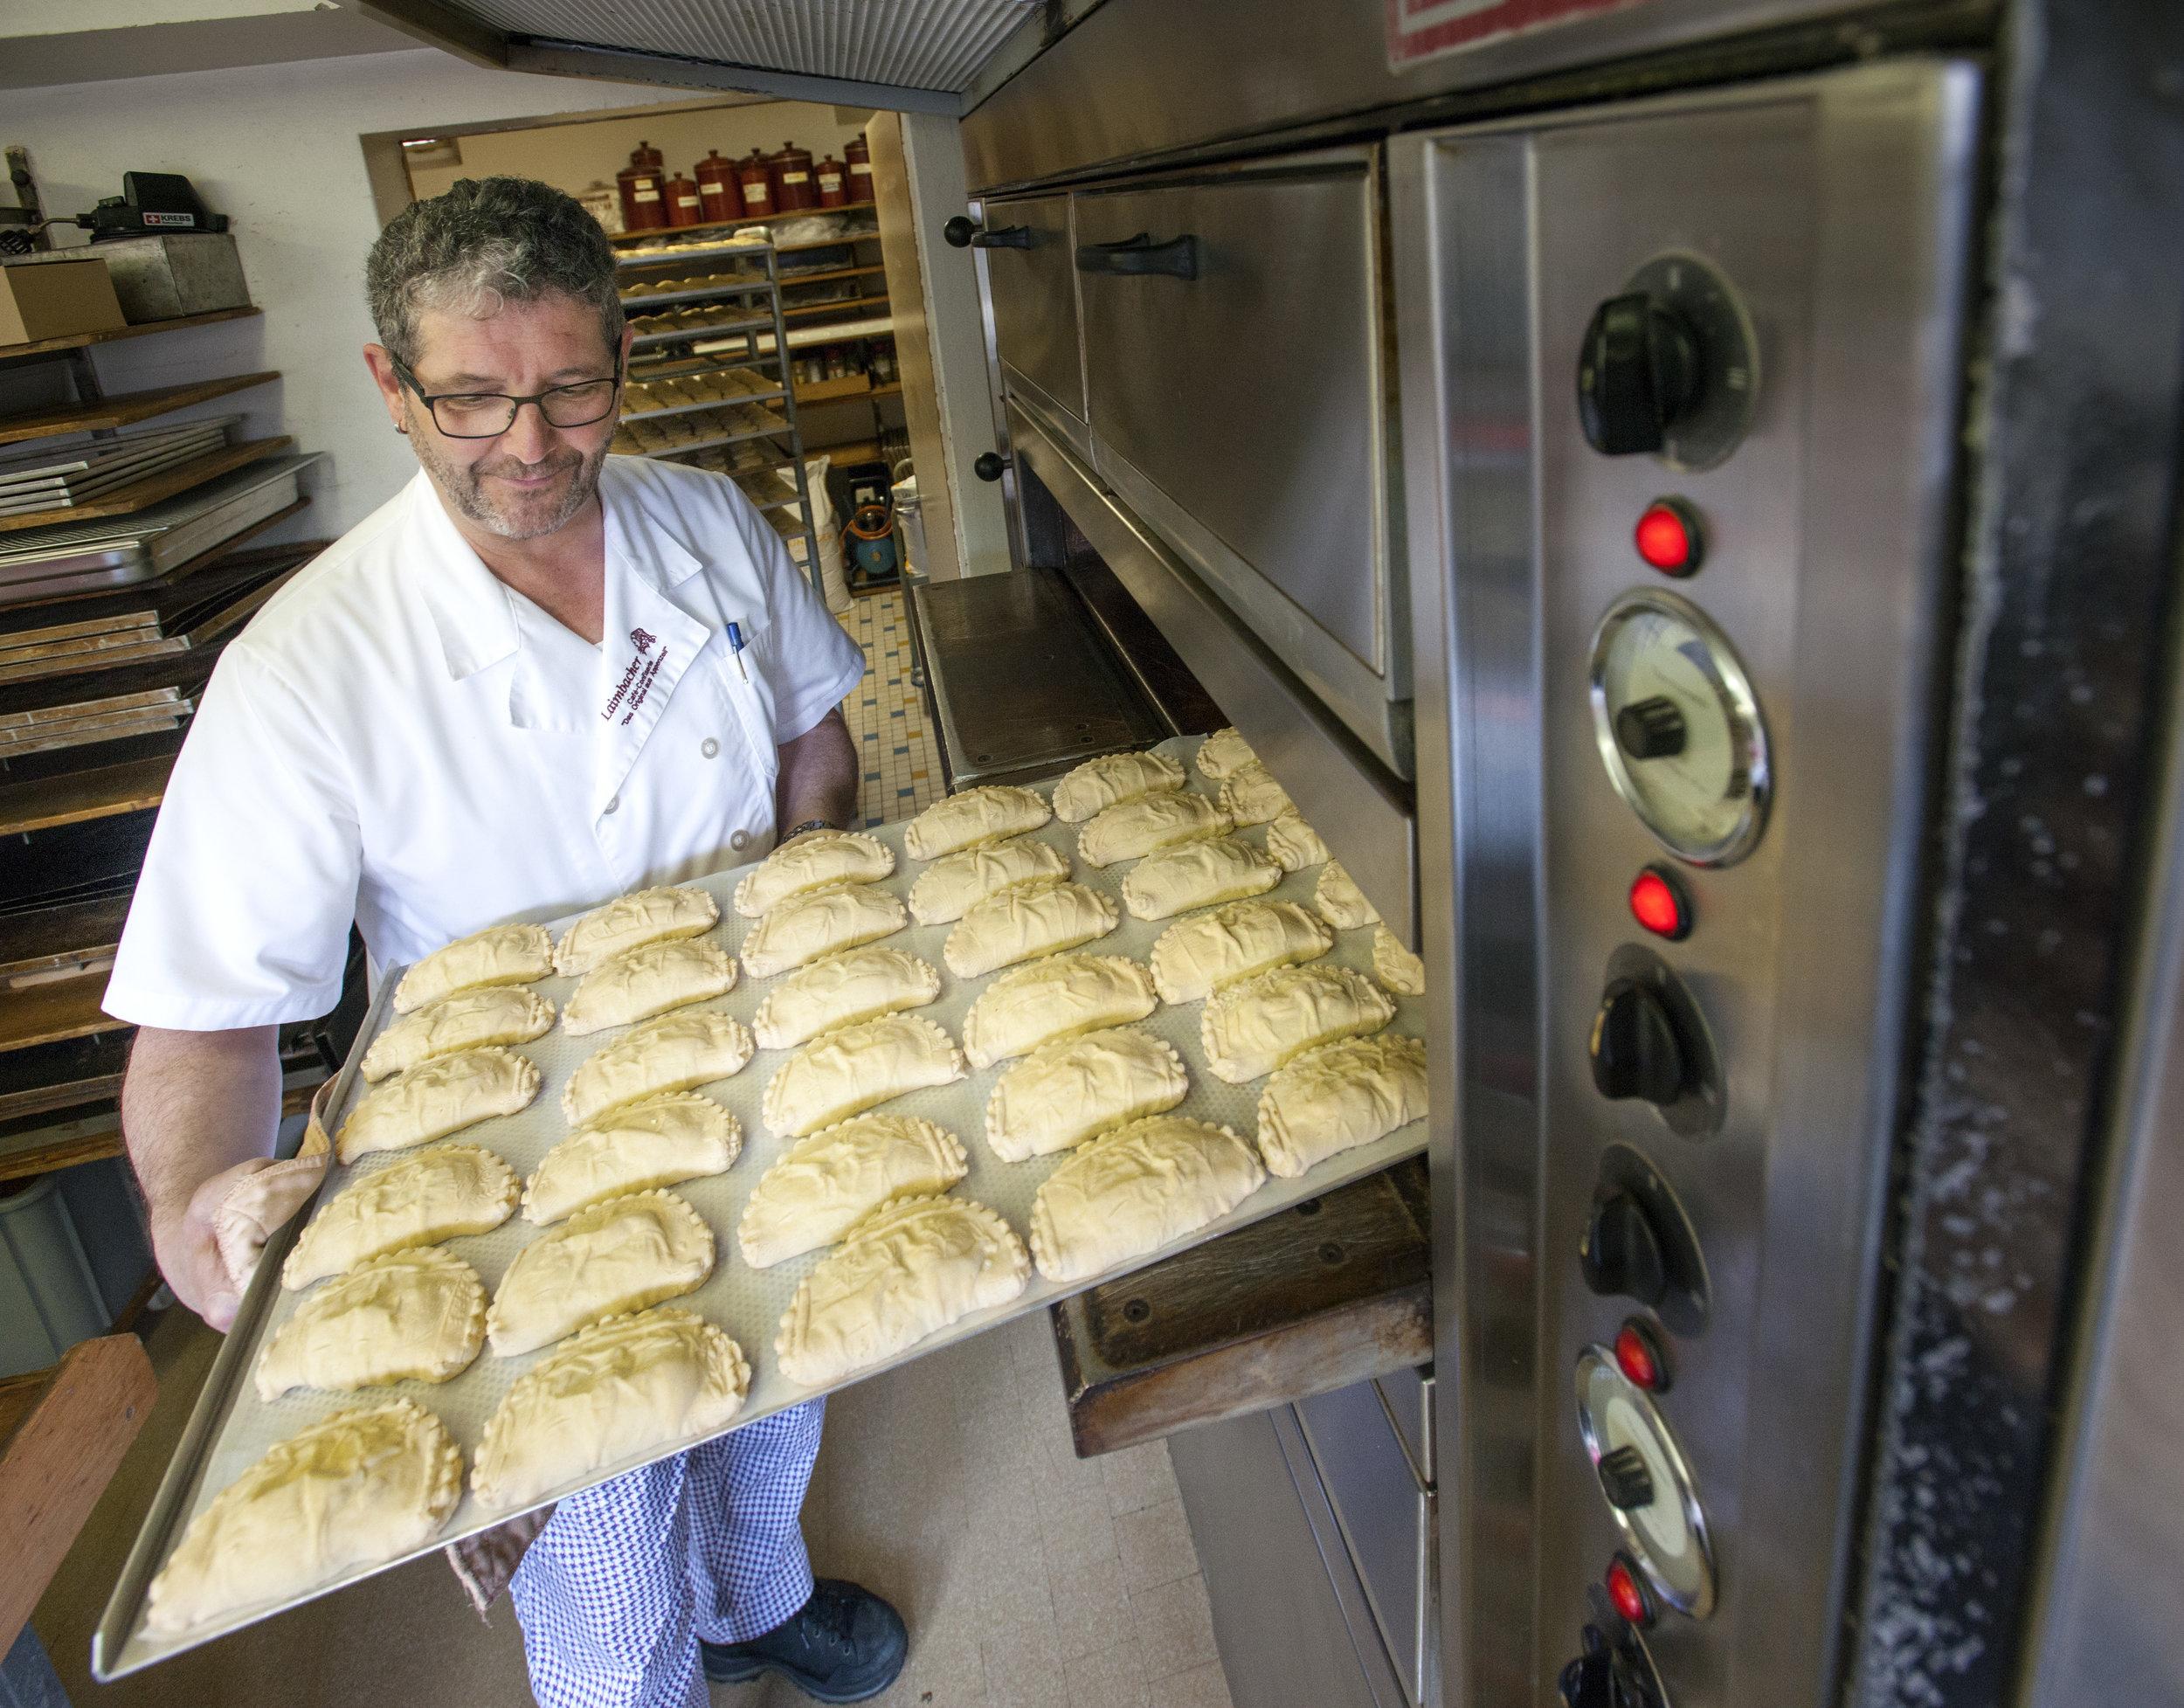 Landsgmend-chrempfli - Das Traditionsgebäck in den Medien